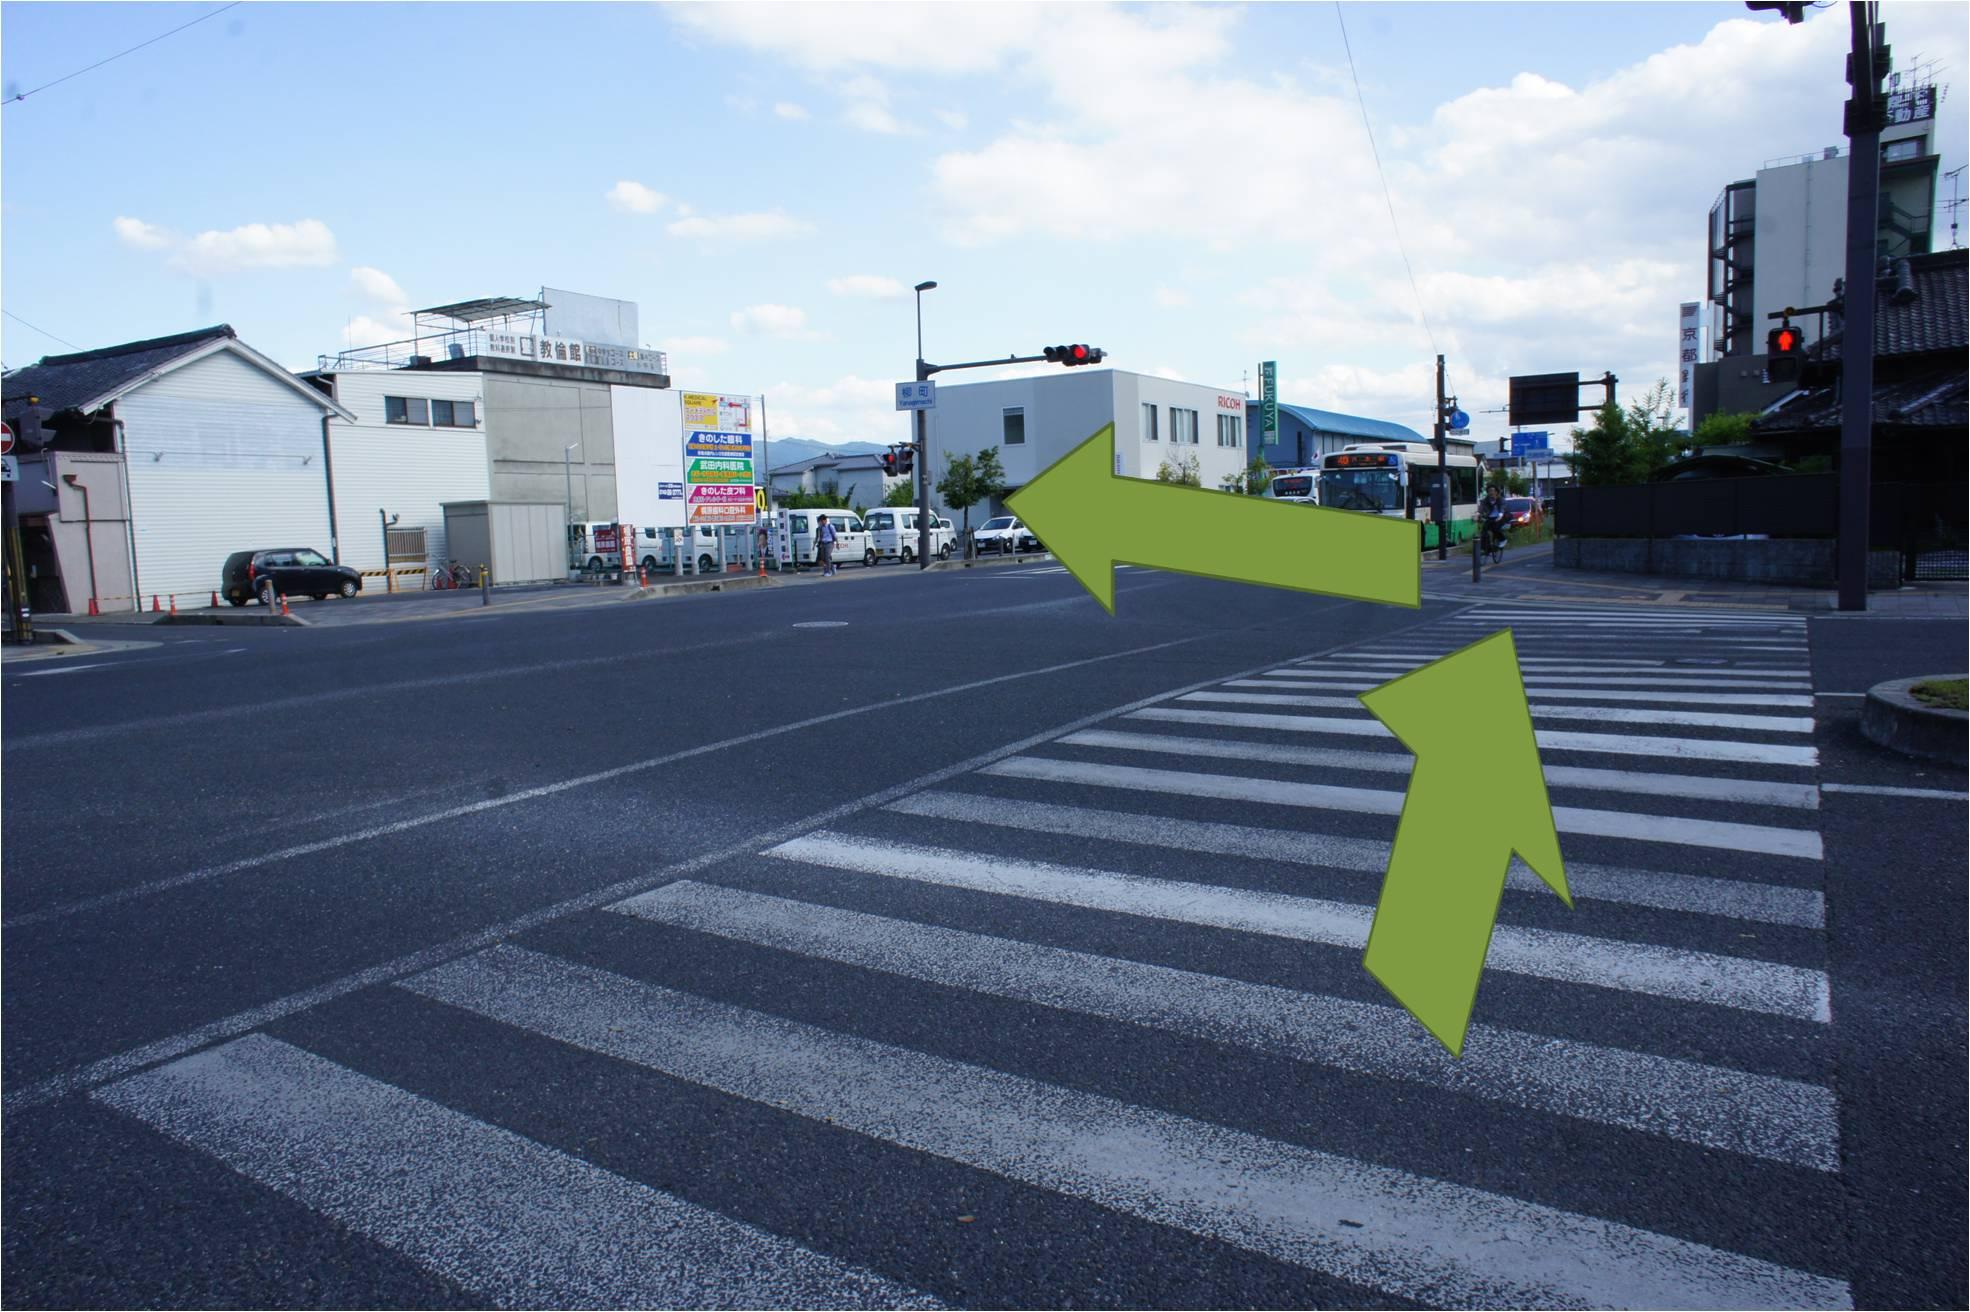 柳町の信号で反対車線へ渡る